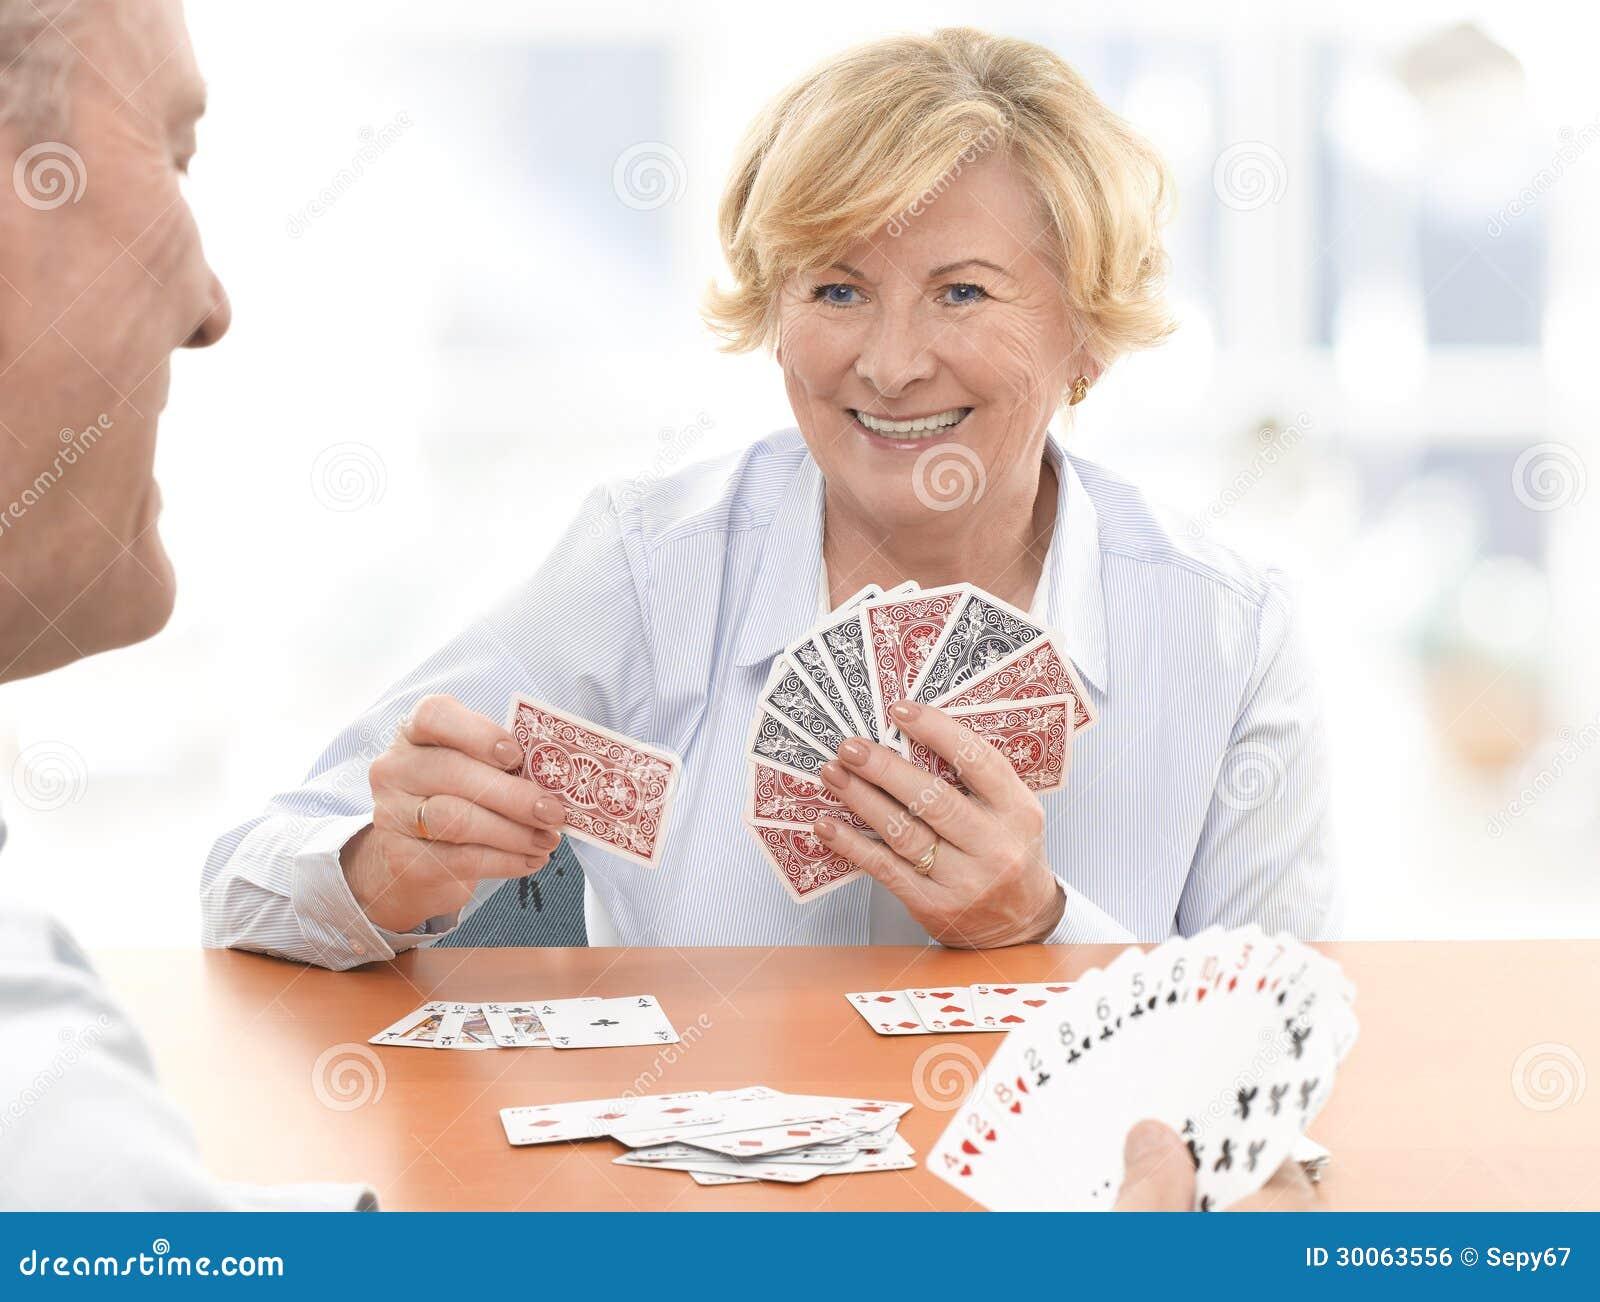 Супружеские пары играют в карты 2 фотография